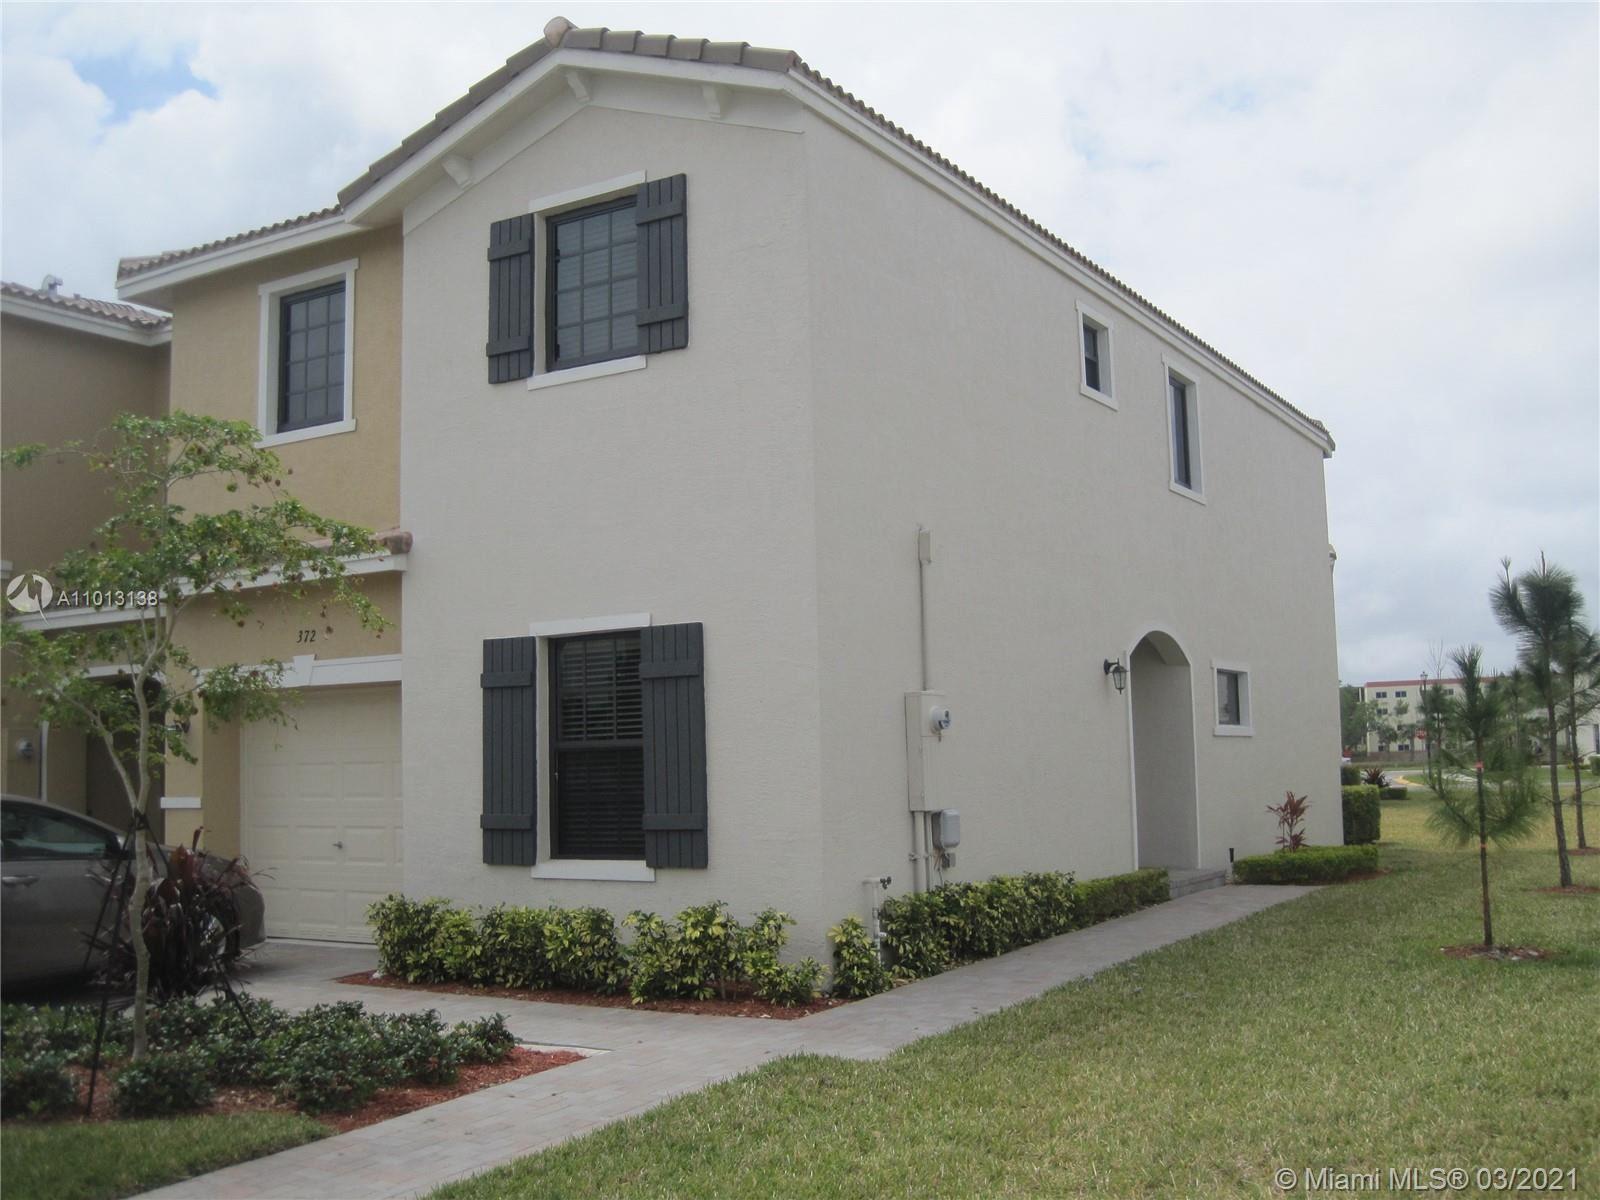 372 NE 194th Ln #372, Miami, FL 33179 - #: A11013138